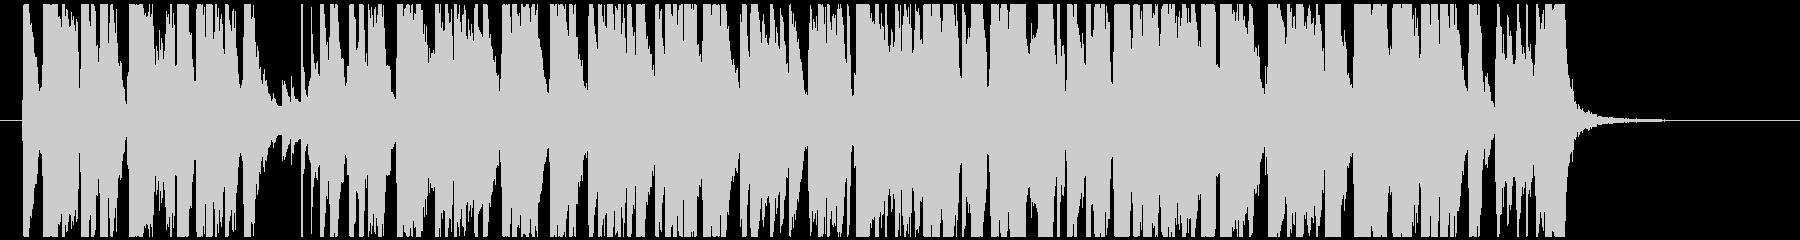 コミカル_Bの未再生の波形